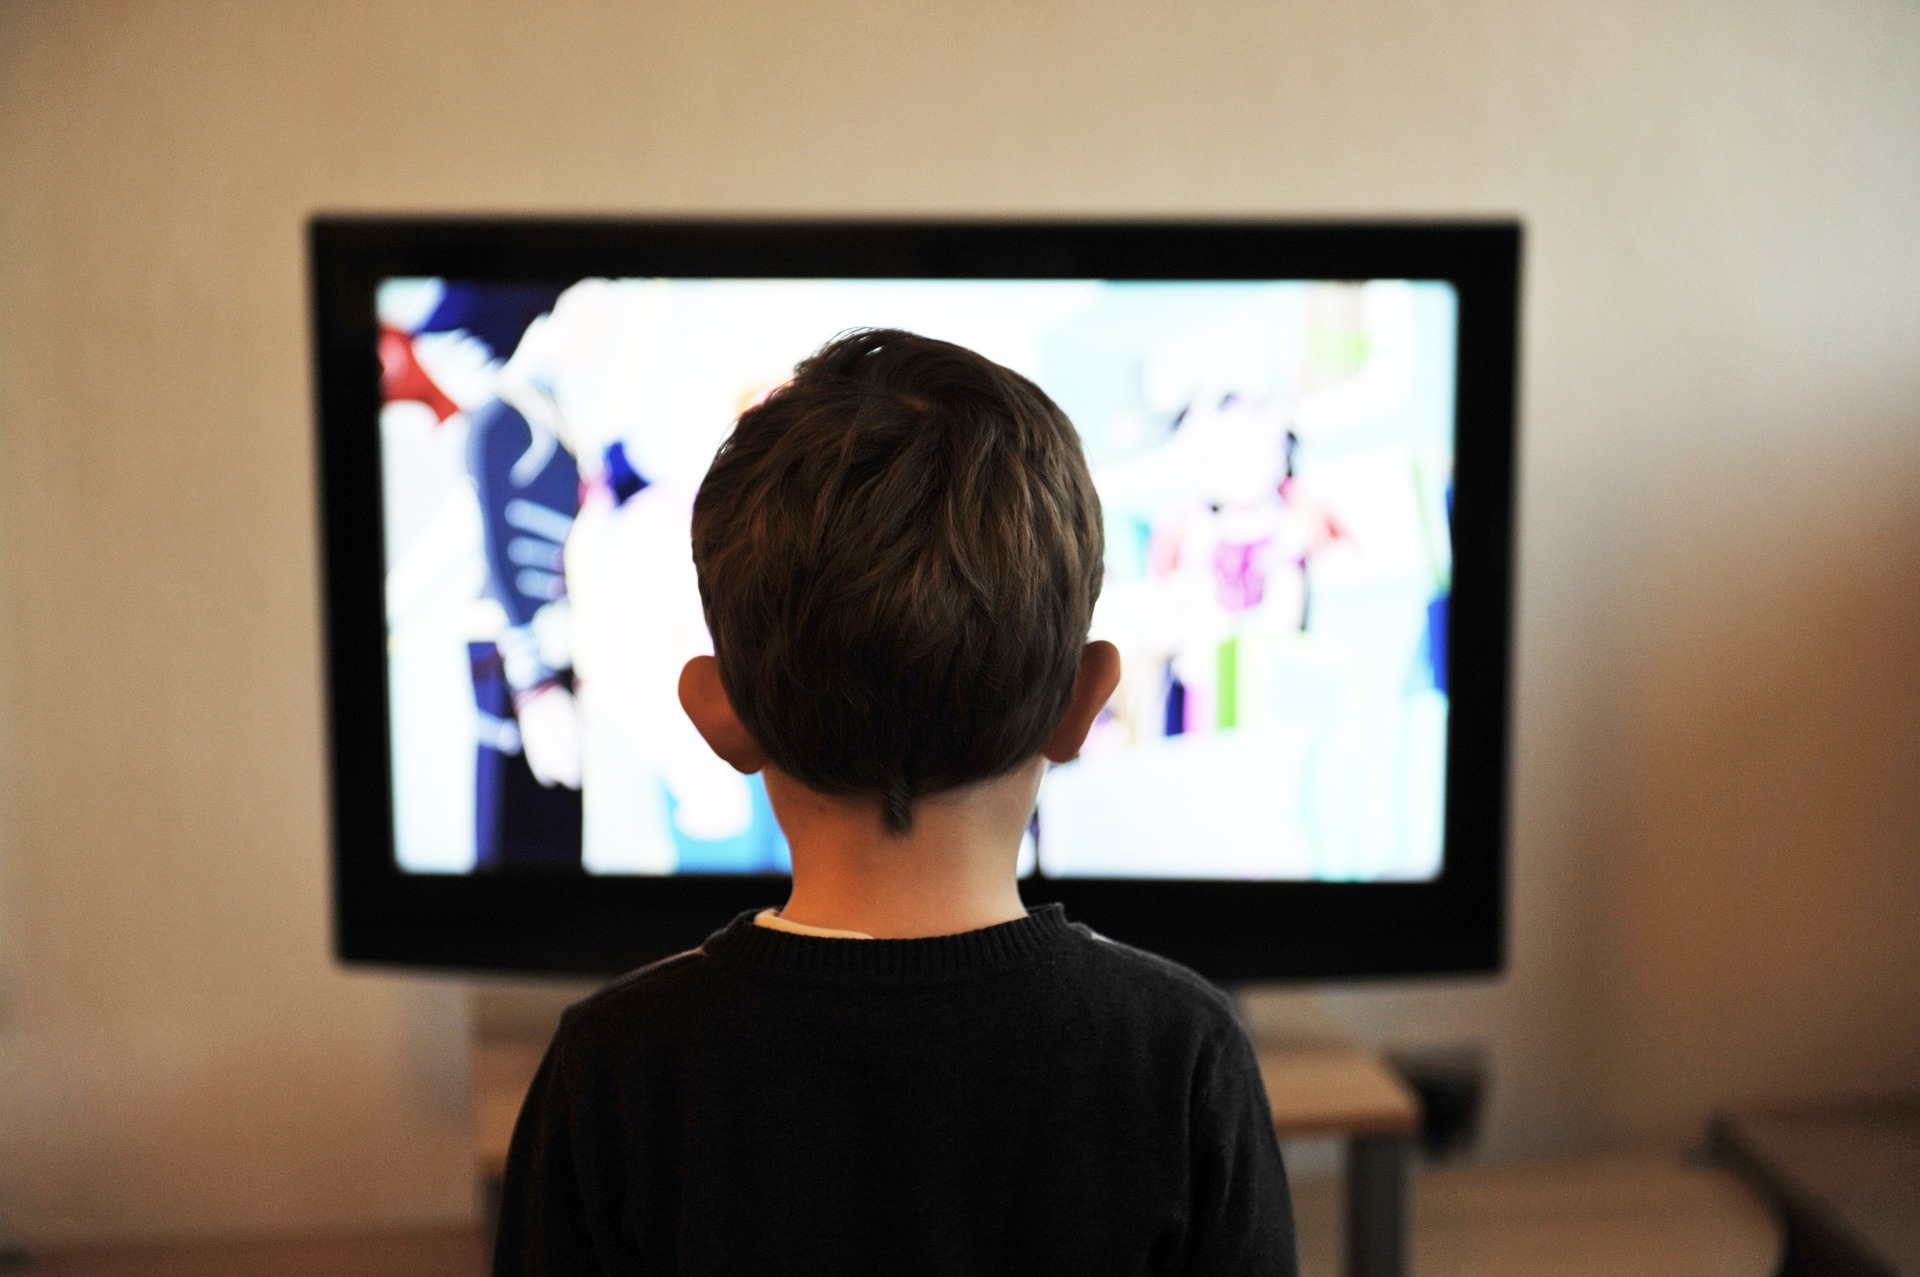 Imagem mostra uma criança assistindo a uma televisão.